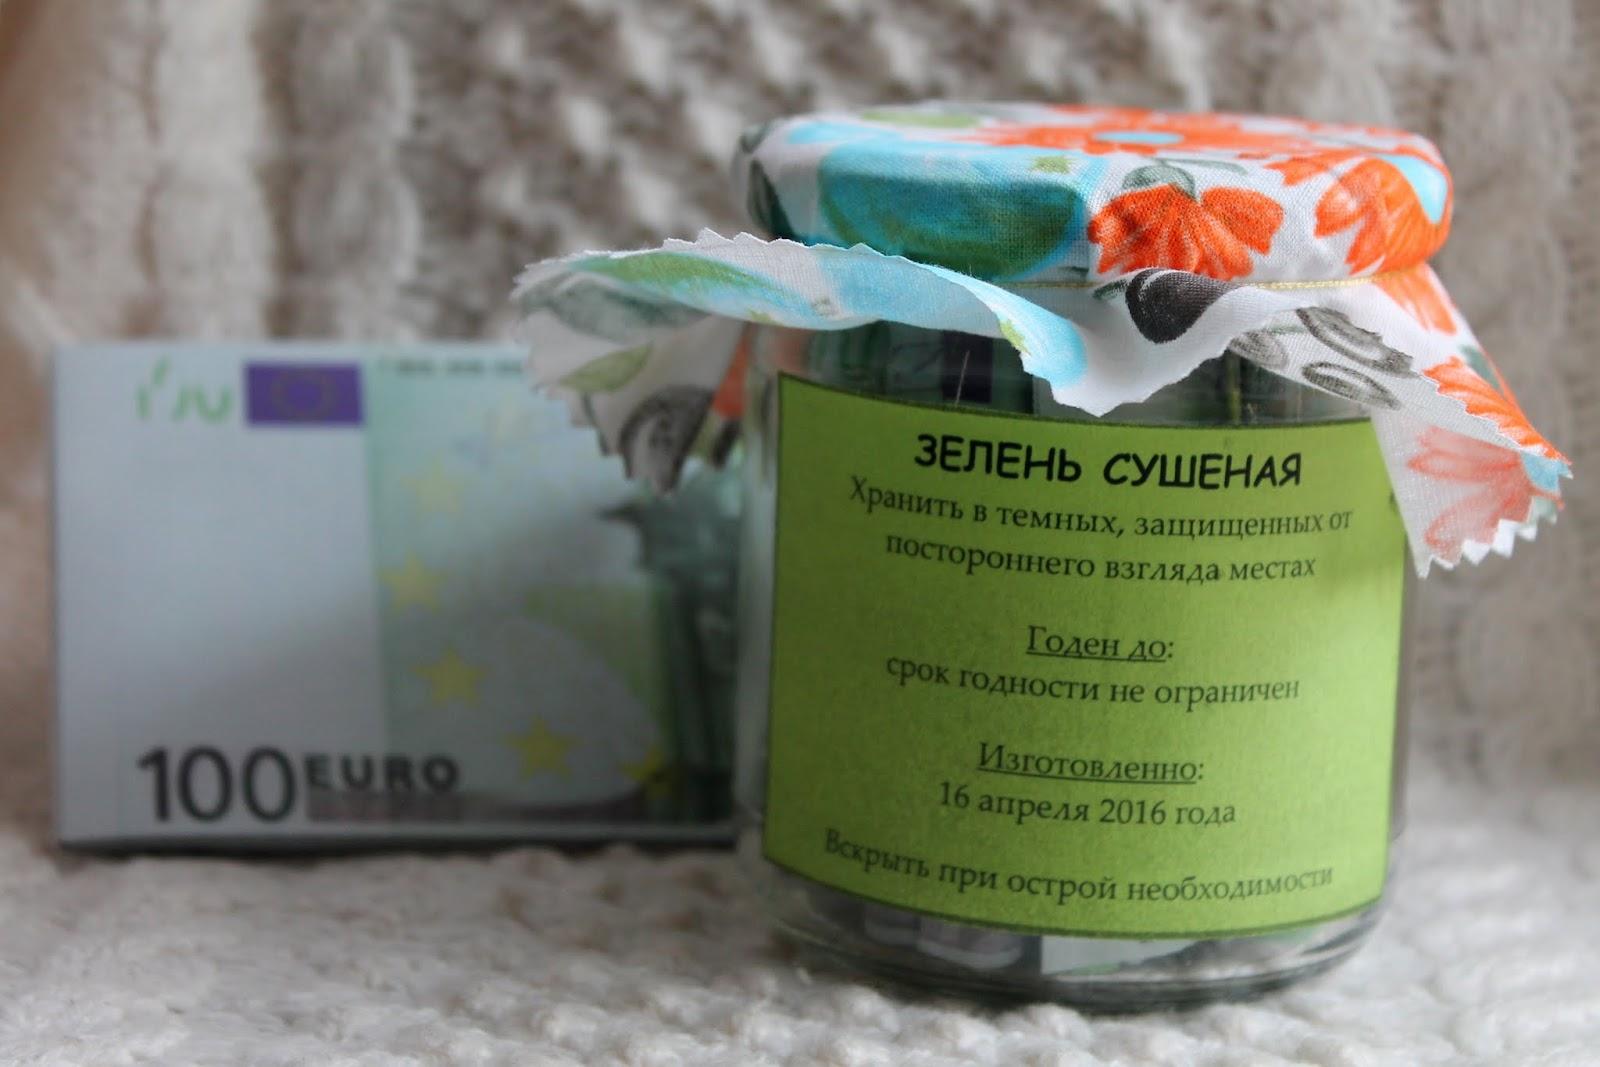 Подарок на свадьбу зелень сушеная